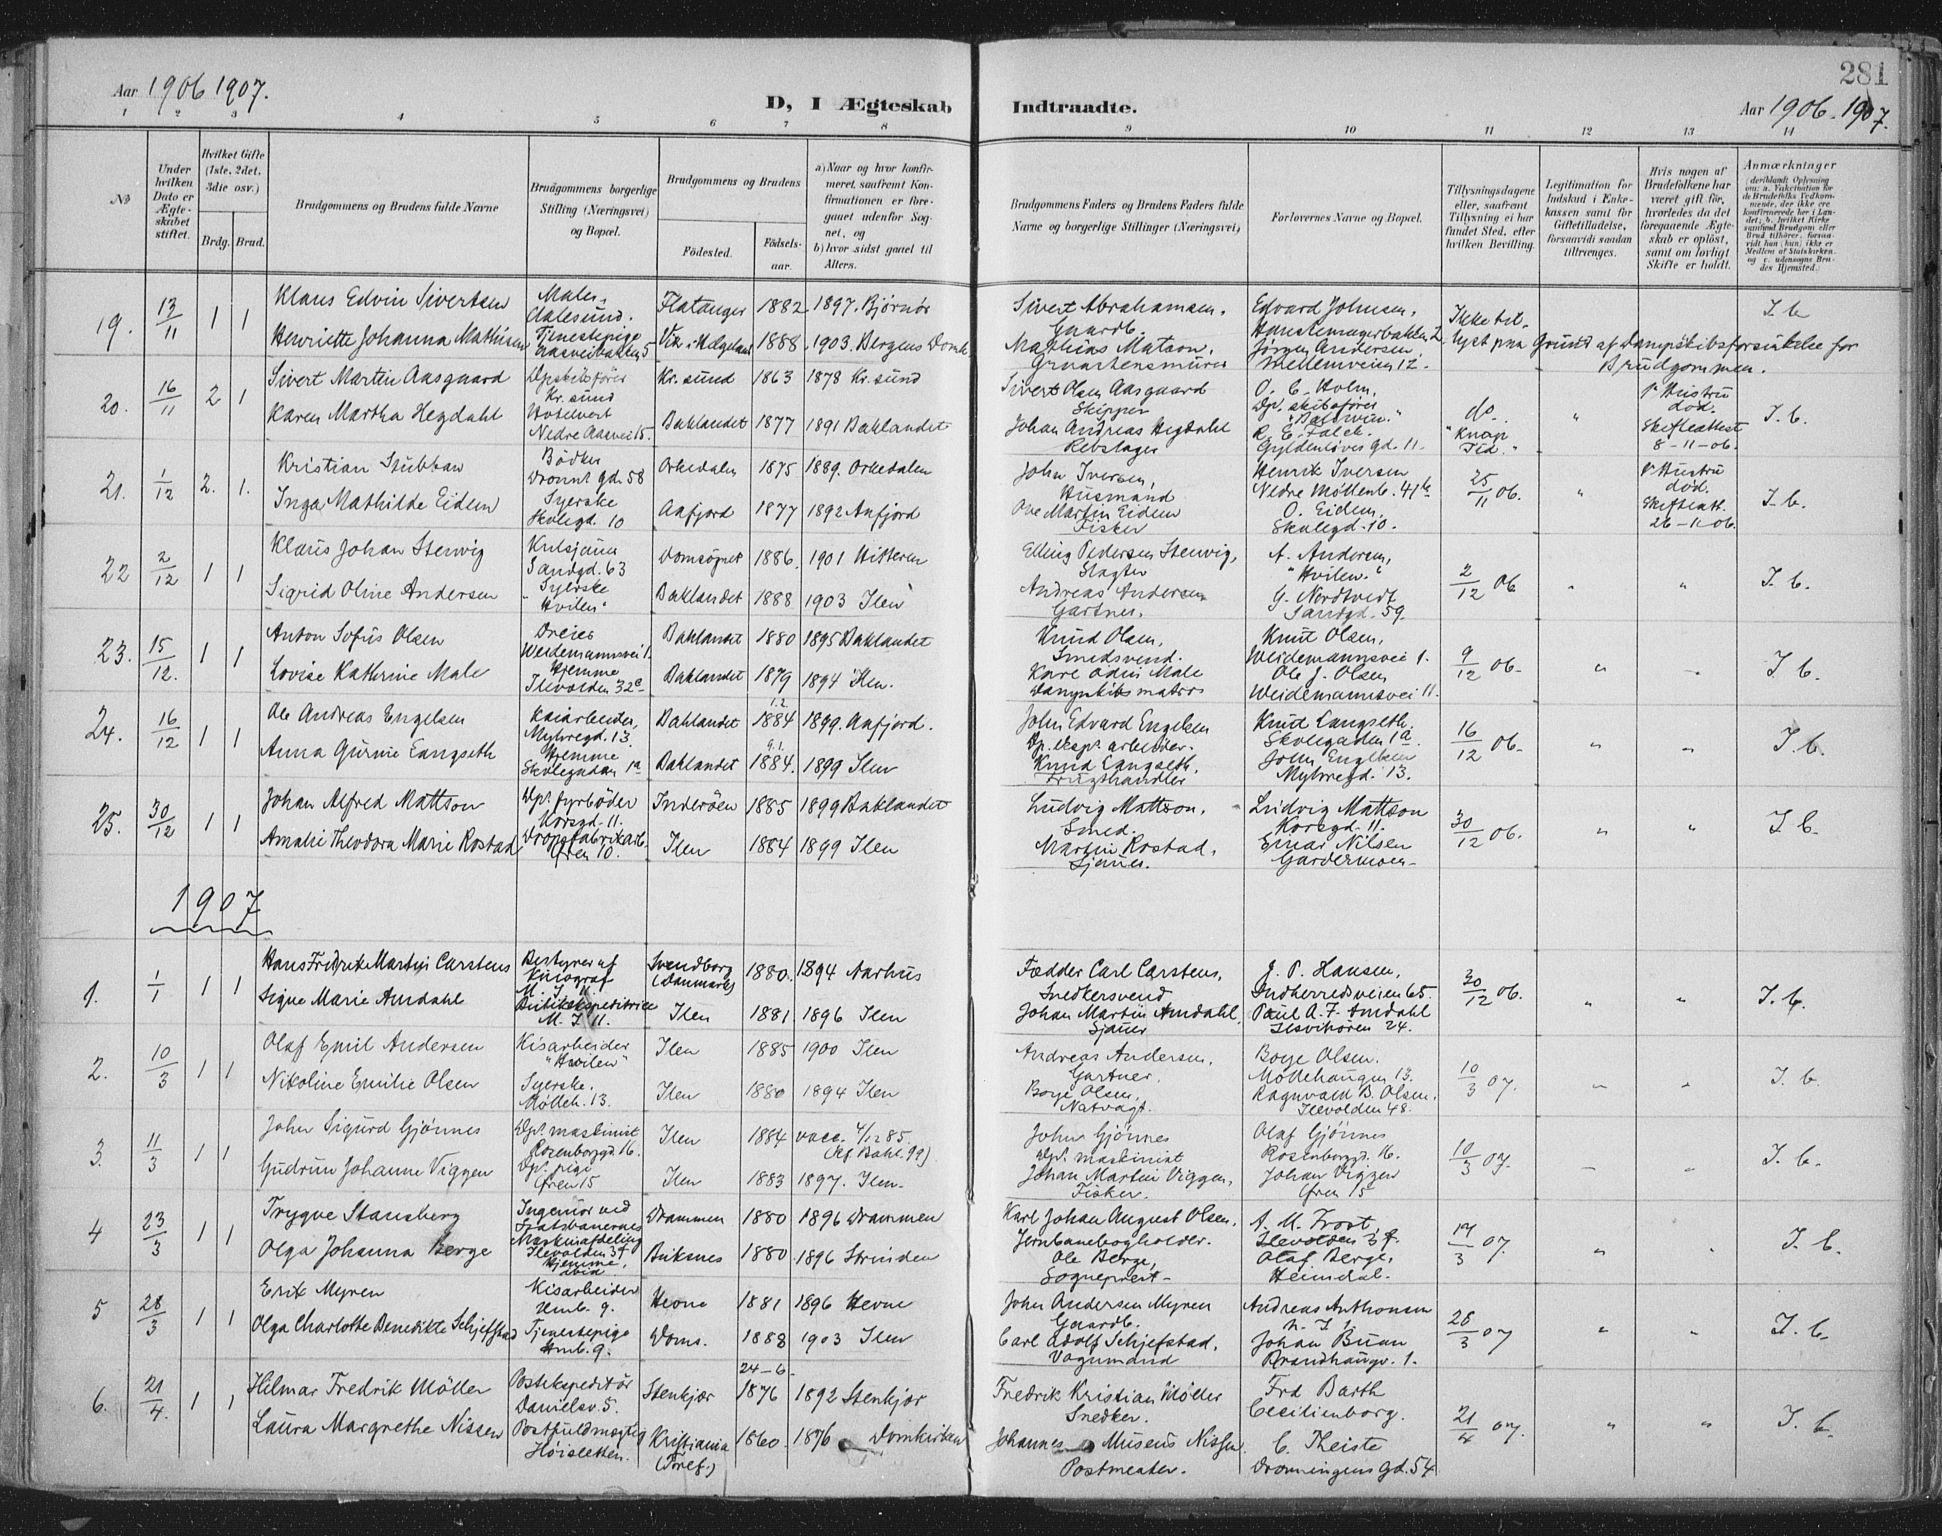 SAT, Ministerialprotokoller, klokkerbøker og fødselsregistre - Sør-Trøndelag, 603/L0167: Ministerialbok nr. 603A06, 1896-1932, s. 281